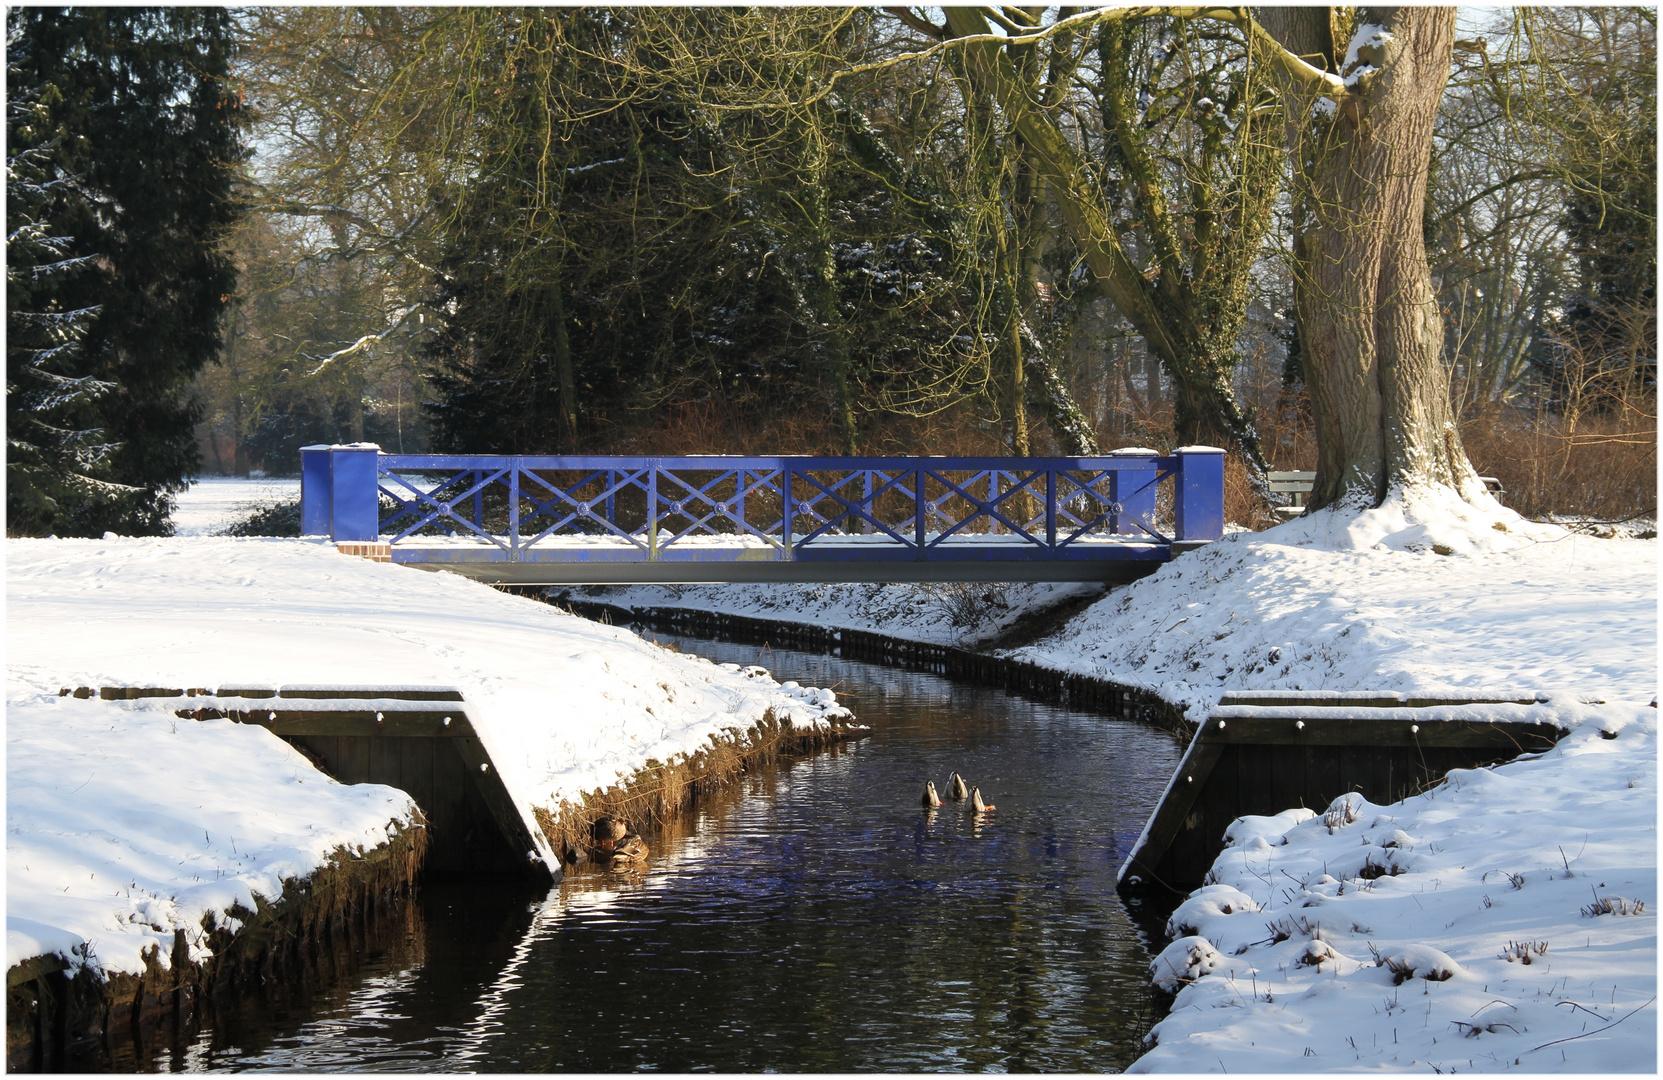 kein blaues Wunder ... der Winter in Oldenburg